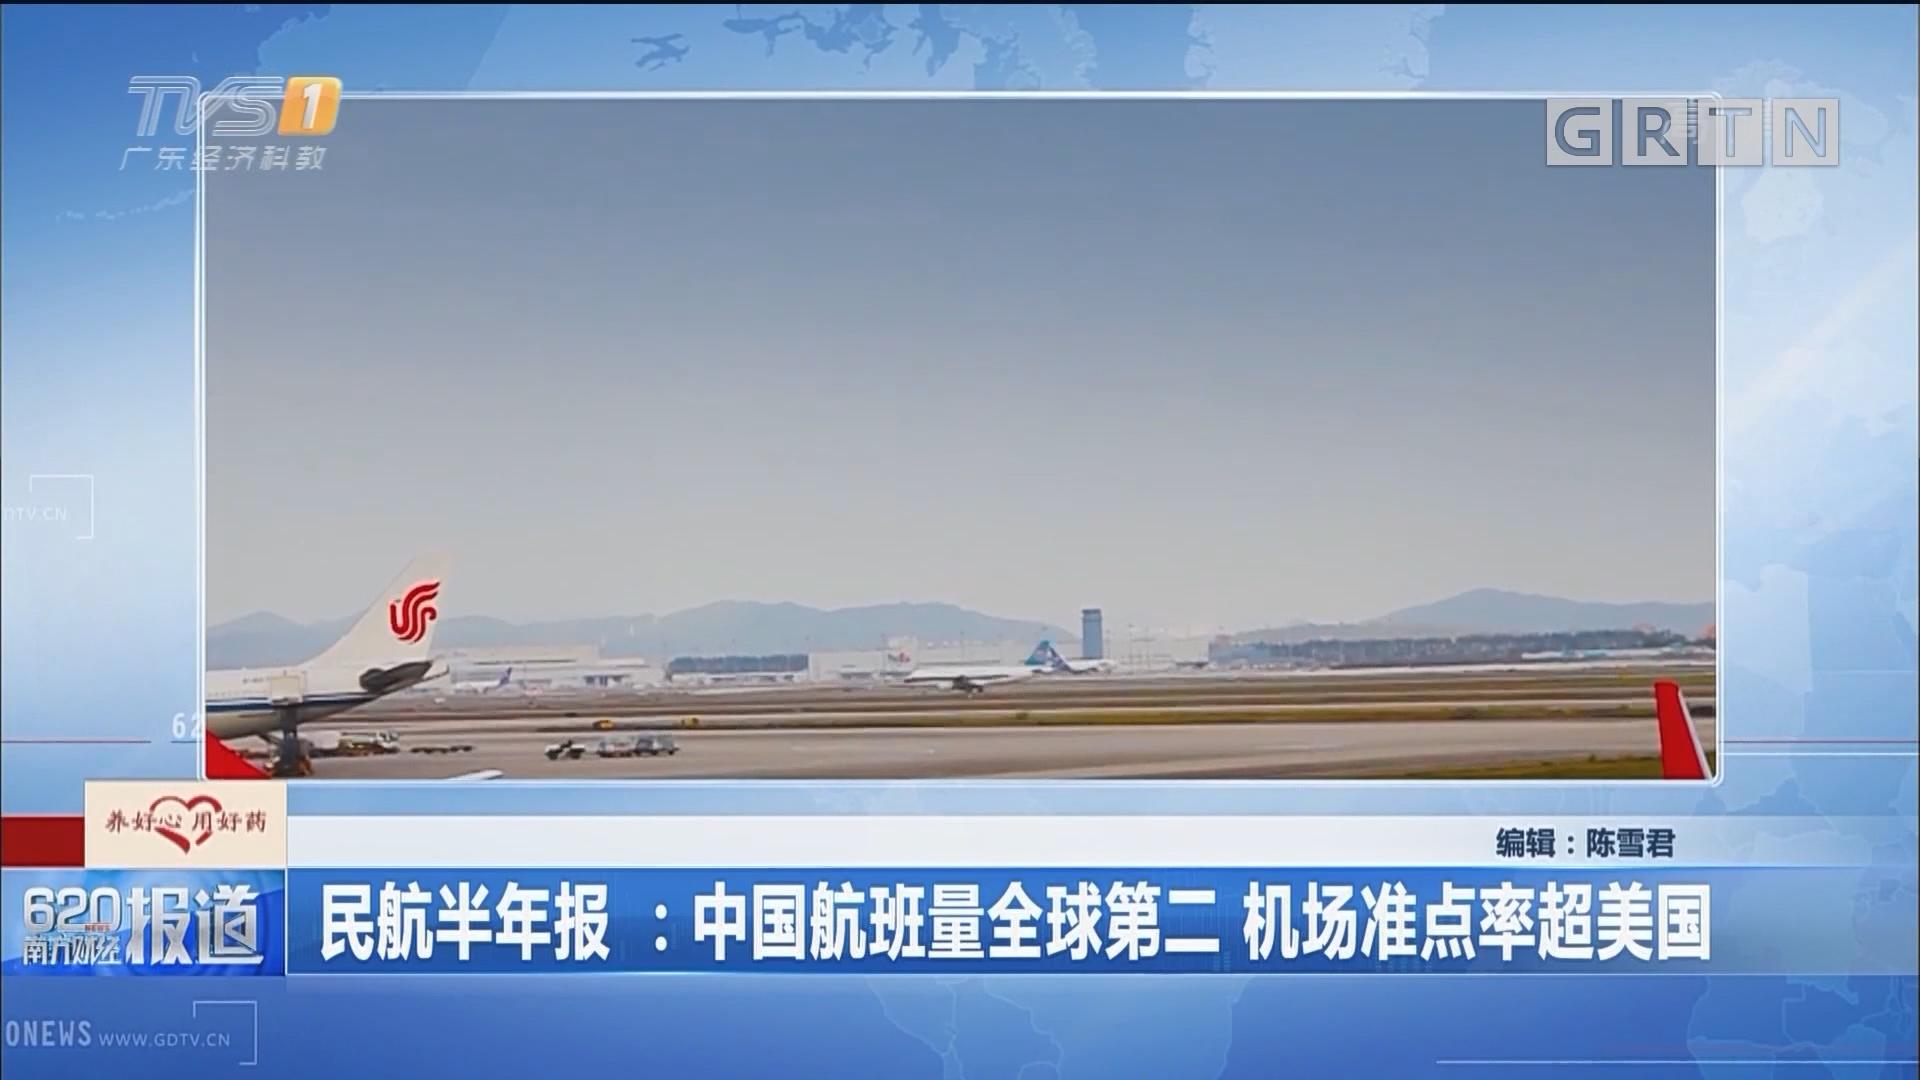 民航半年报:中国航班量全球第二 机场准点率超美国